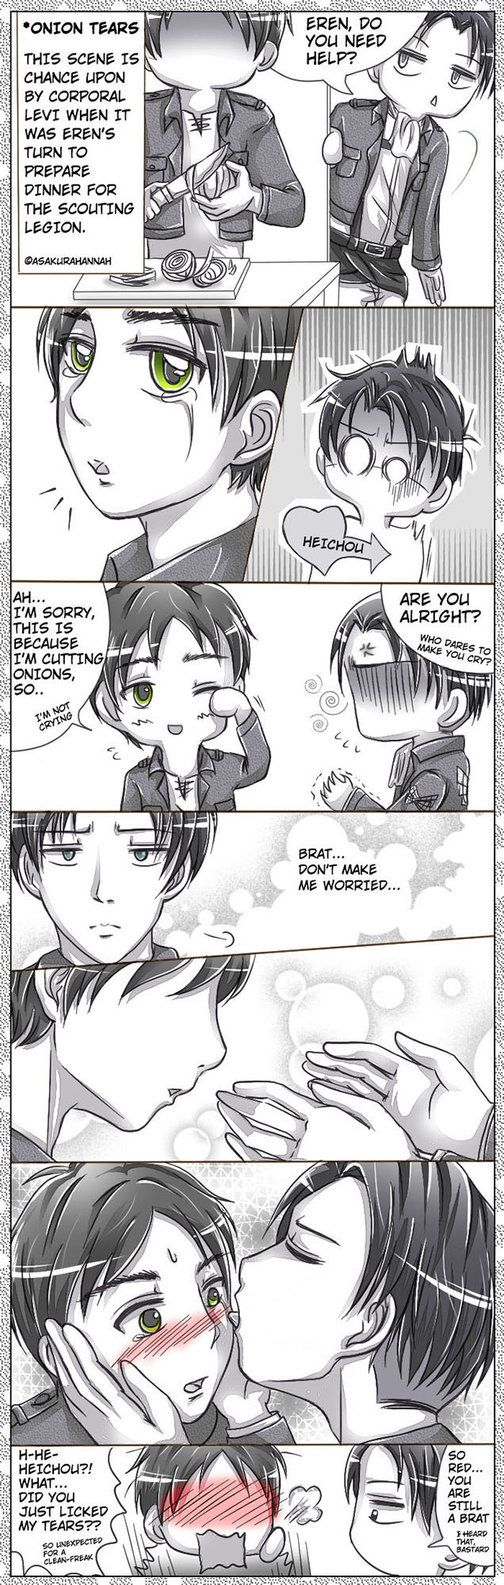 Onion Tears by AsakuraHannahDA on DeviantArt